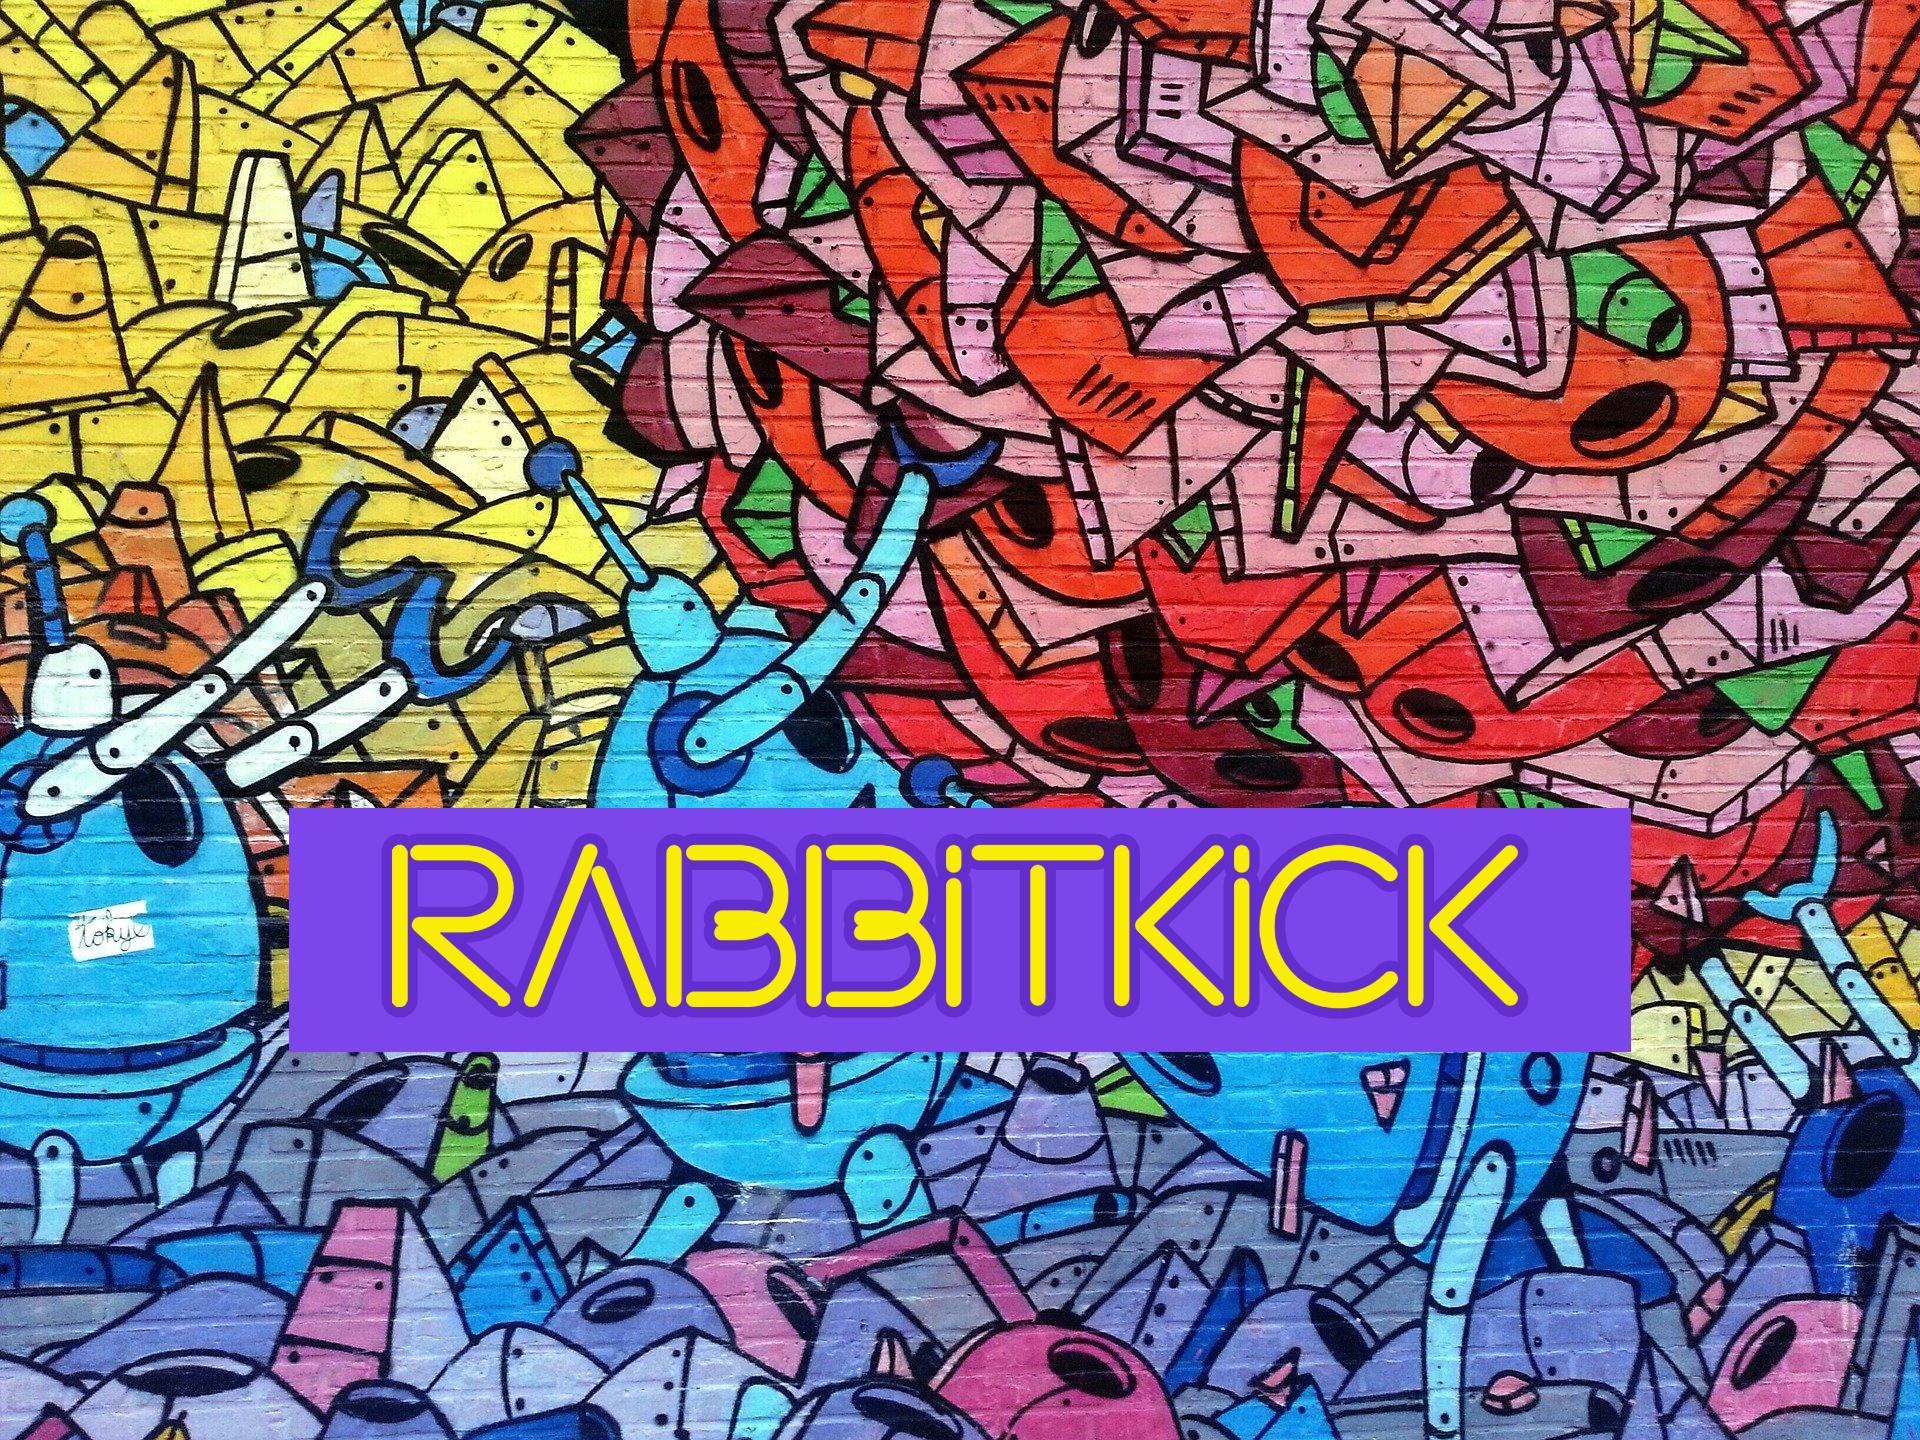 RABBITKICK